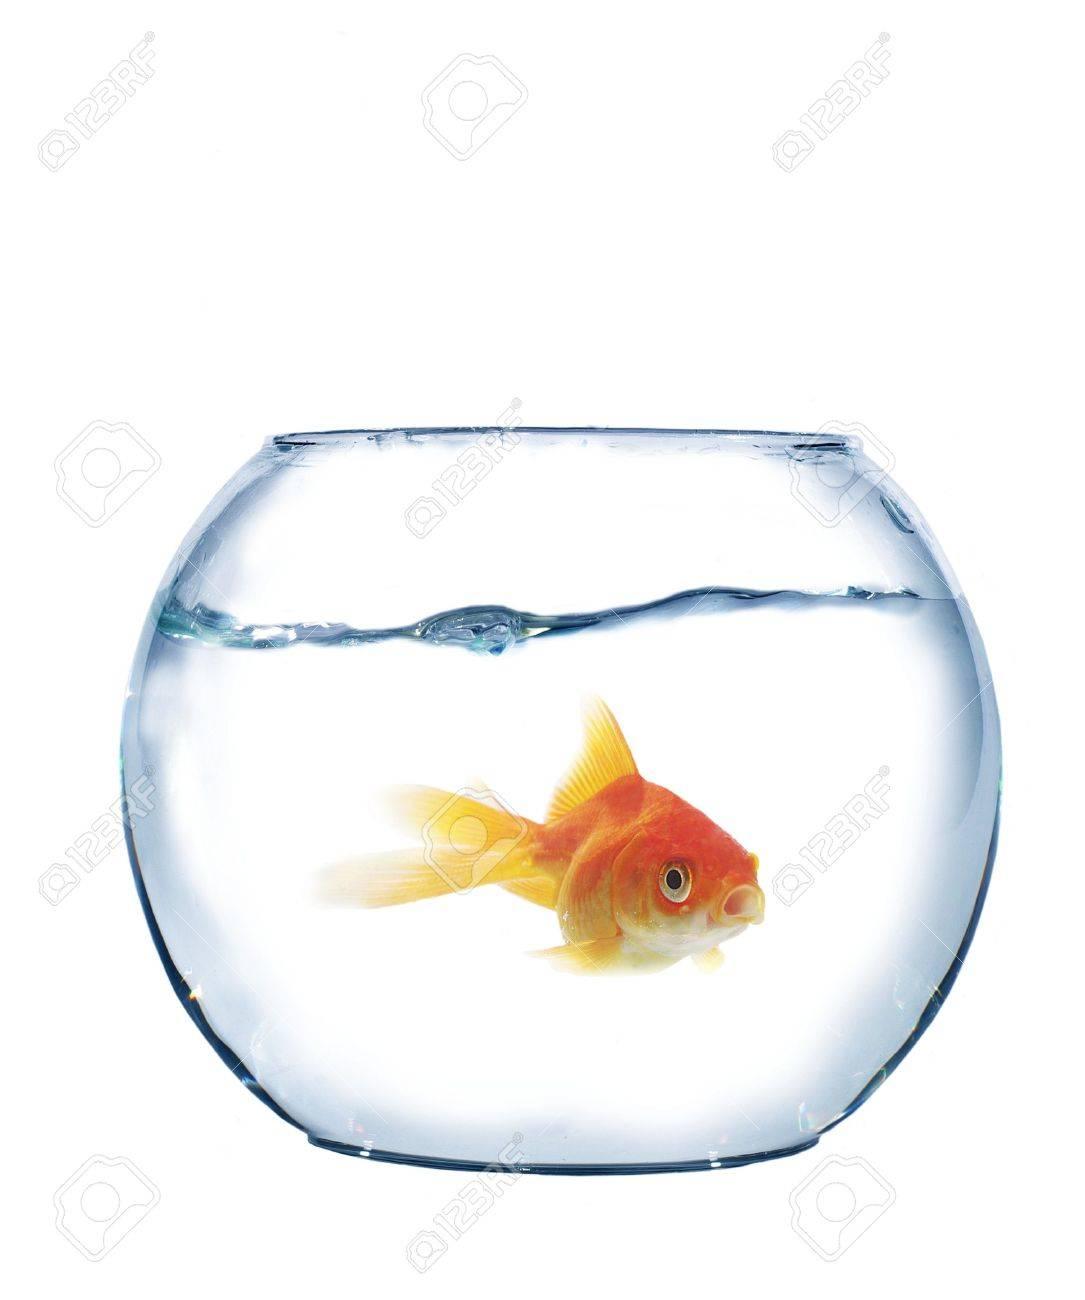 fish in spherical aquarium on white background - 6236706